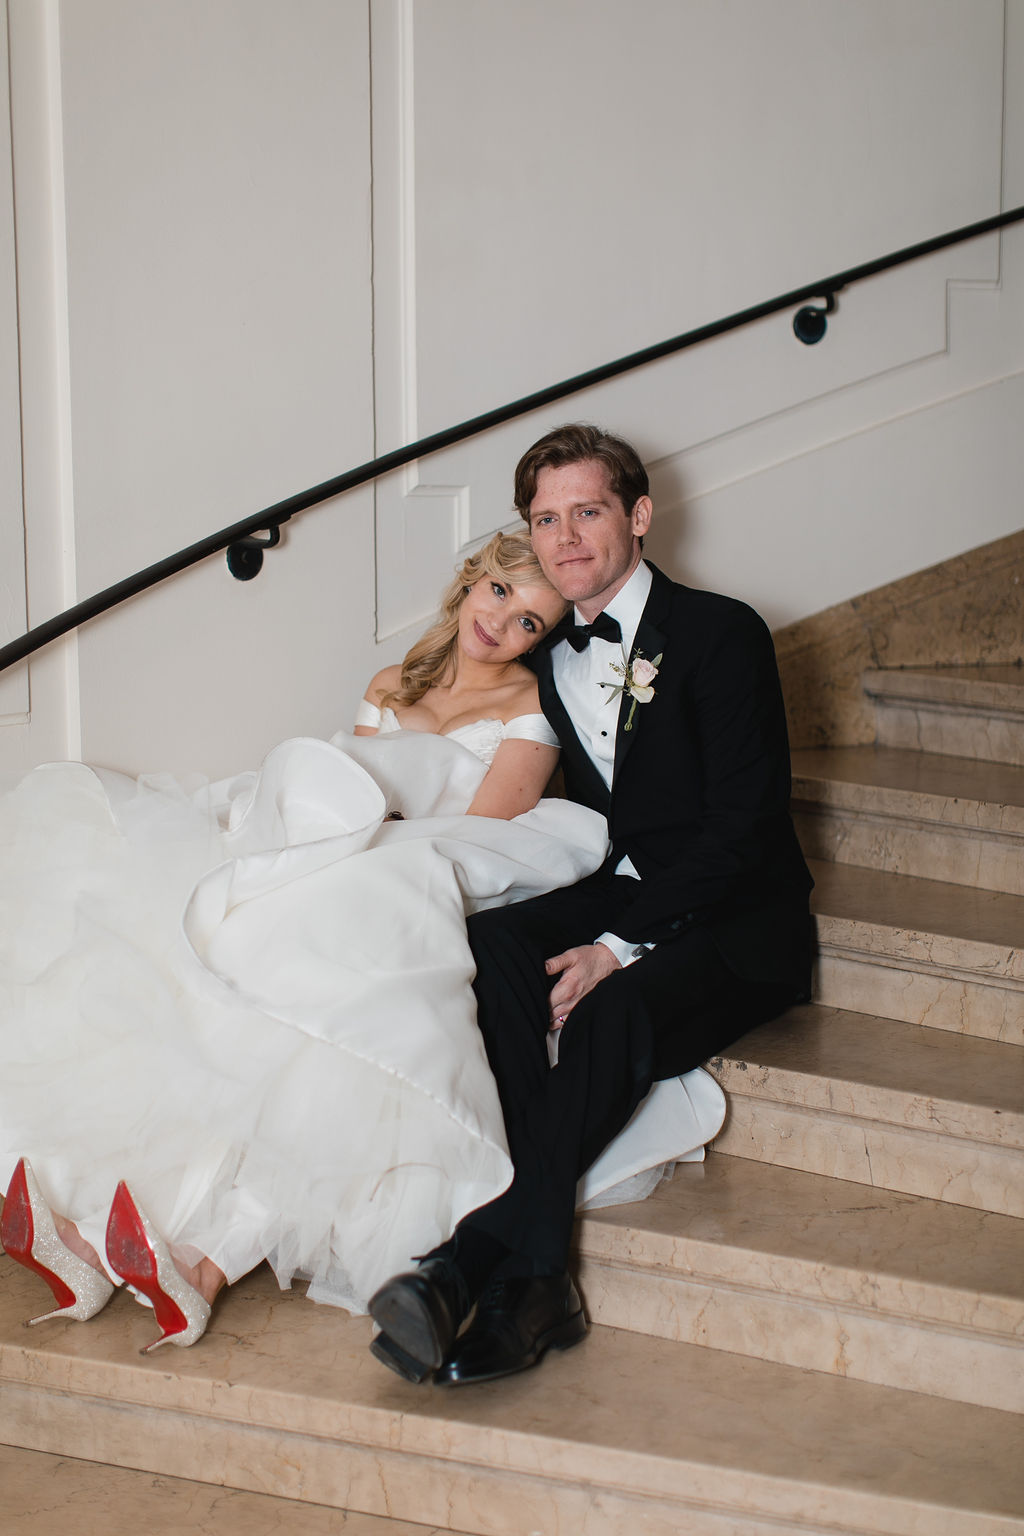 566_alex+kyle_wedding_by_Amber_Marlow.jpg